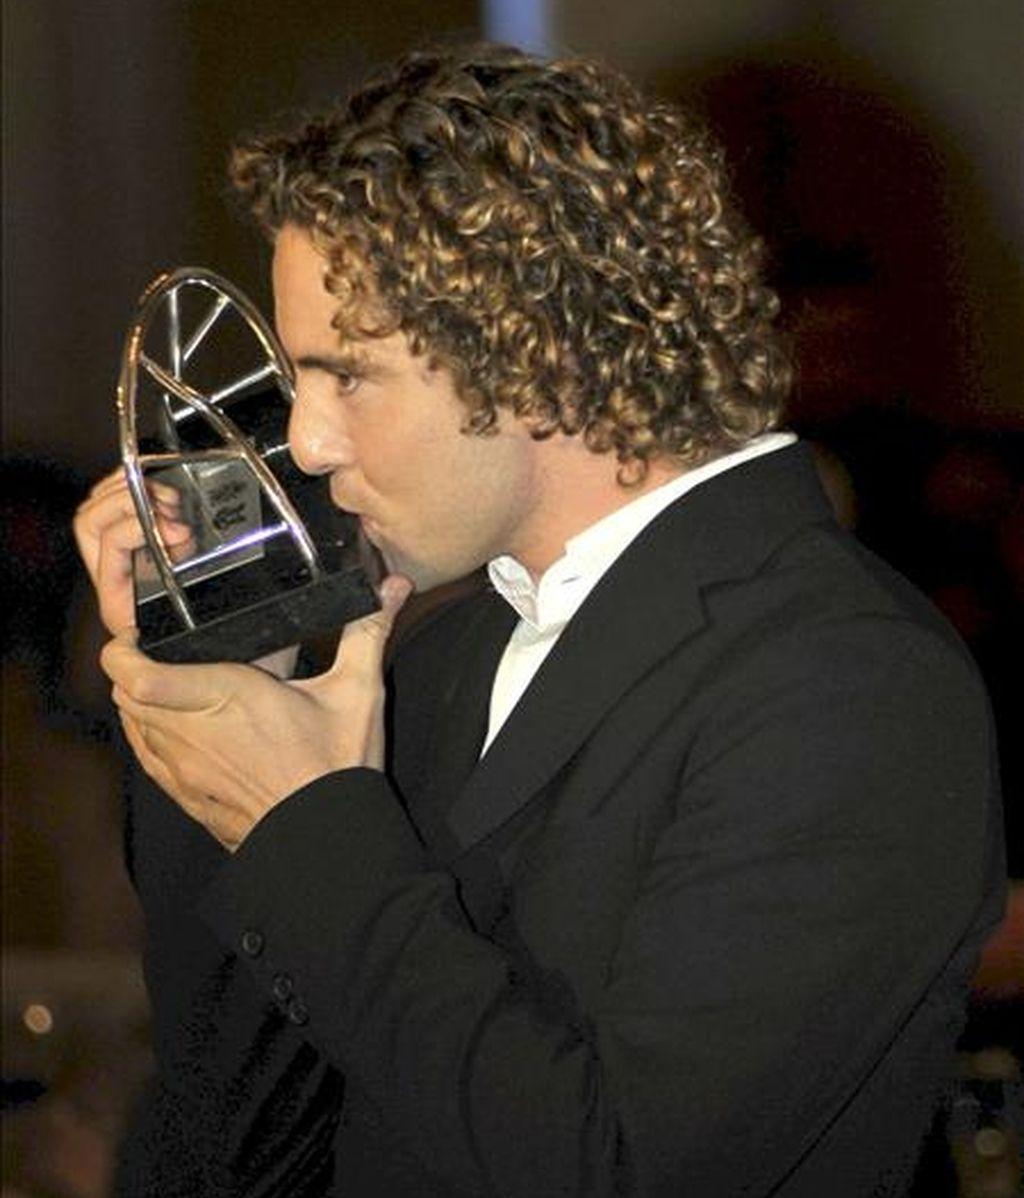 """El cantante español David Bisbal, que espera iniciar en enero del 2010 una intensa gira por Latinoamérica y EEUU, recibió anoche en Miami el premio """"Español Universal 2009"""" que otorga la Cámara de Comercio Española-Estadounidense. EFE"""